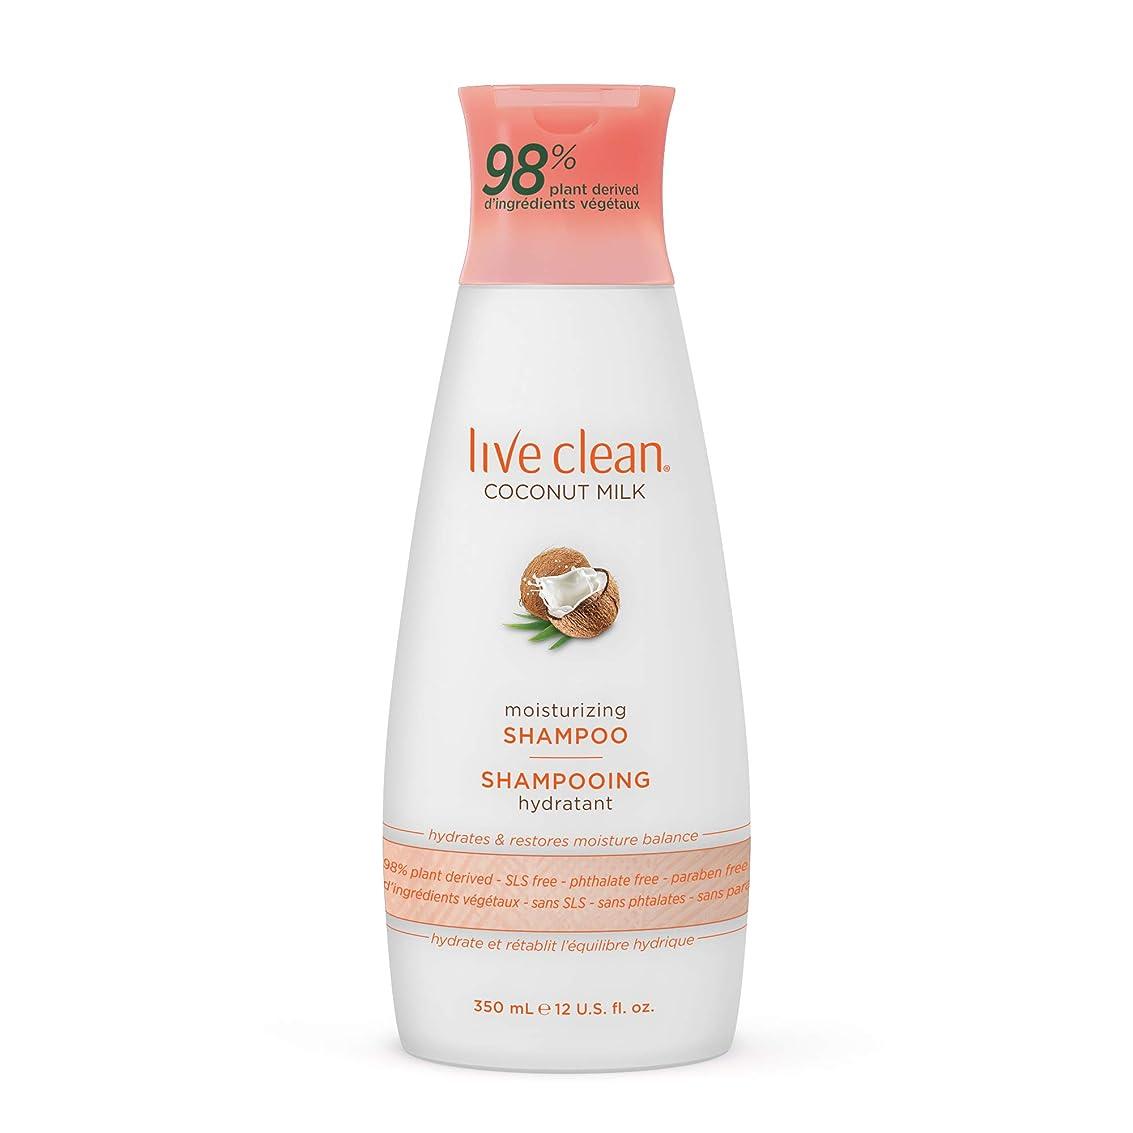 田舎割り当てるフォローLive Clean Coconut Milk Moisturizing Shampoo, 12 oz.